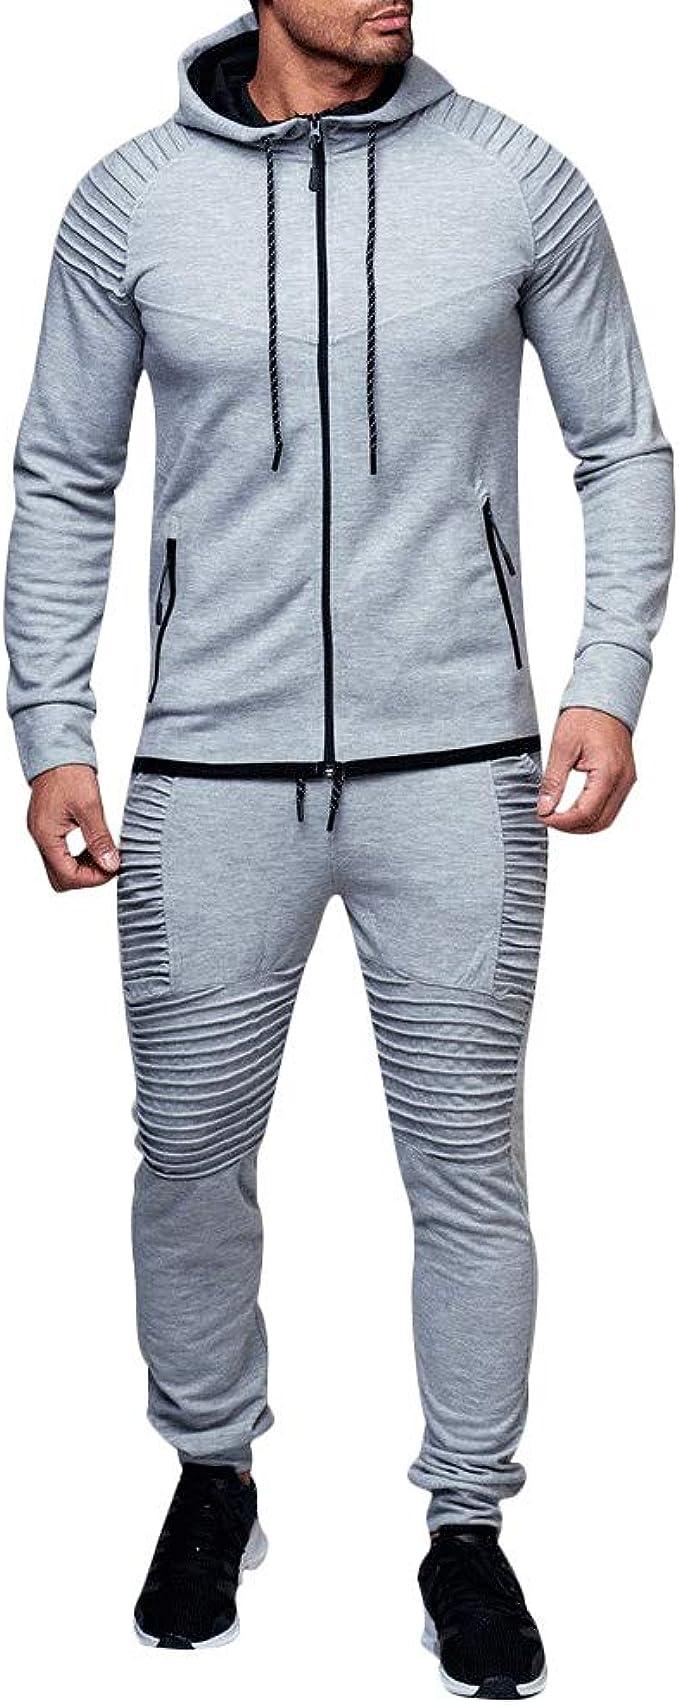 Conjunto de 2 piezas de chándal para hombre con camisetas + pantalones cortos, pantalones de gimnasio, con cremallera completa, sudadera deportiva con bolsillos: Amazon.es: Ropa y accesorios